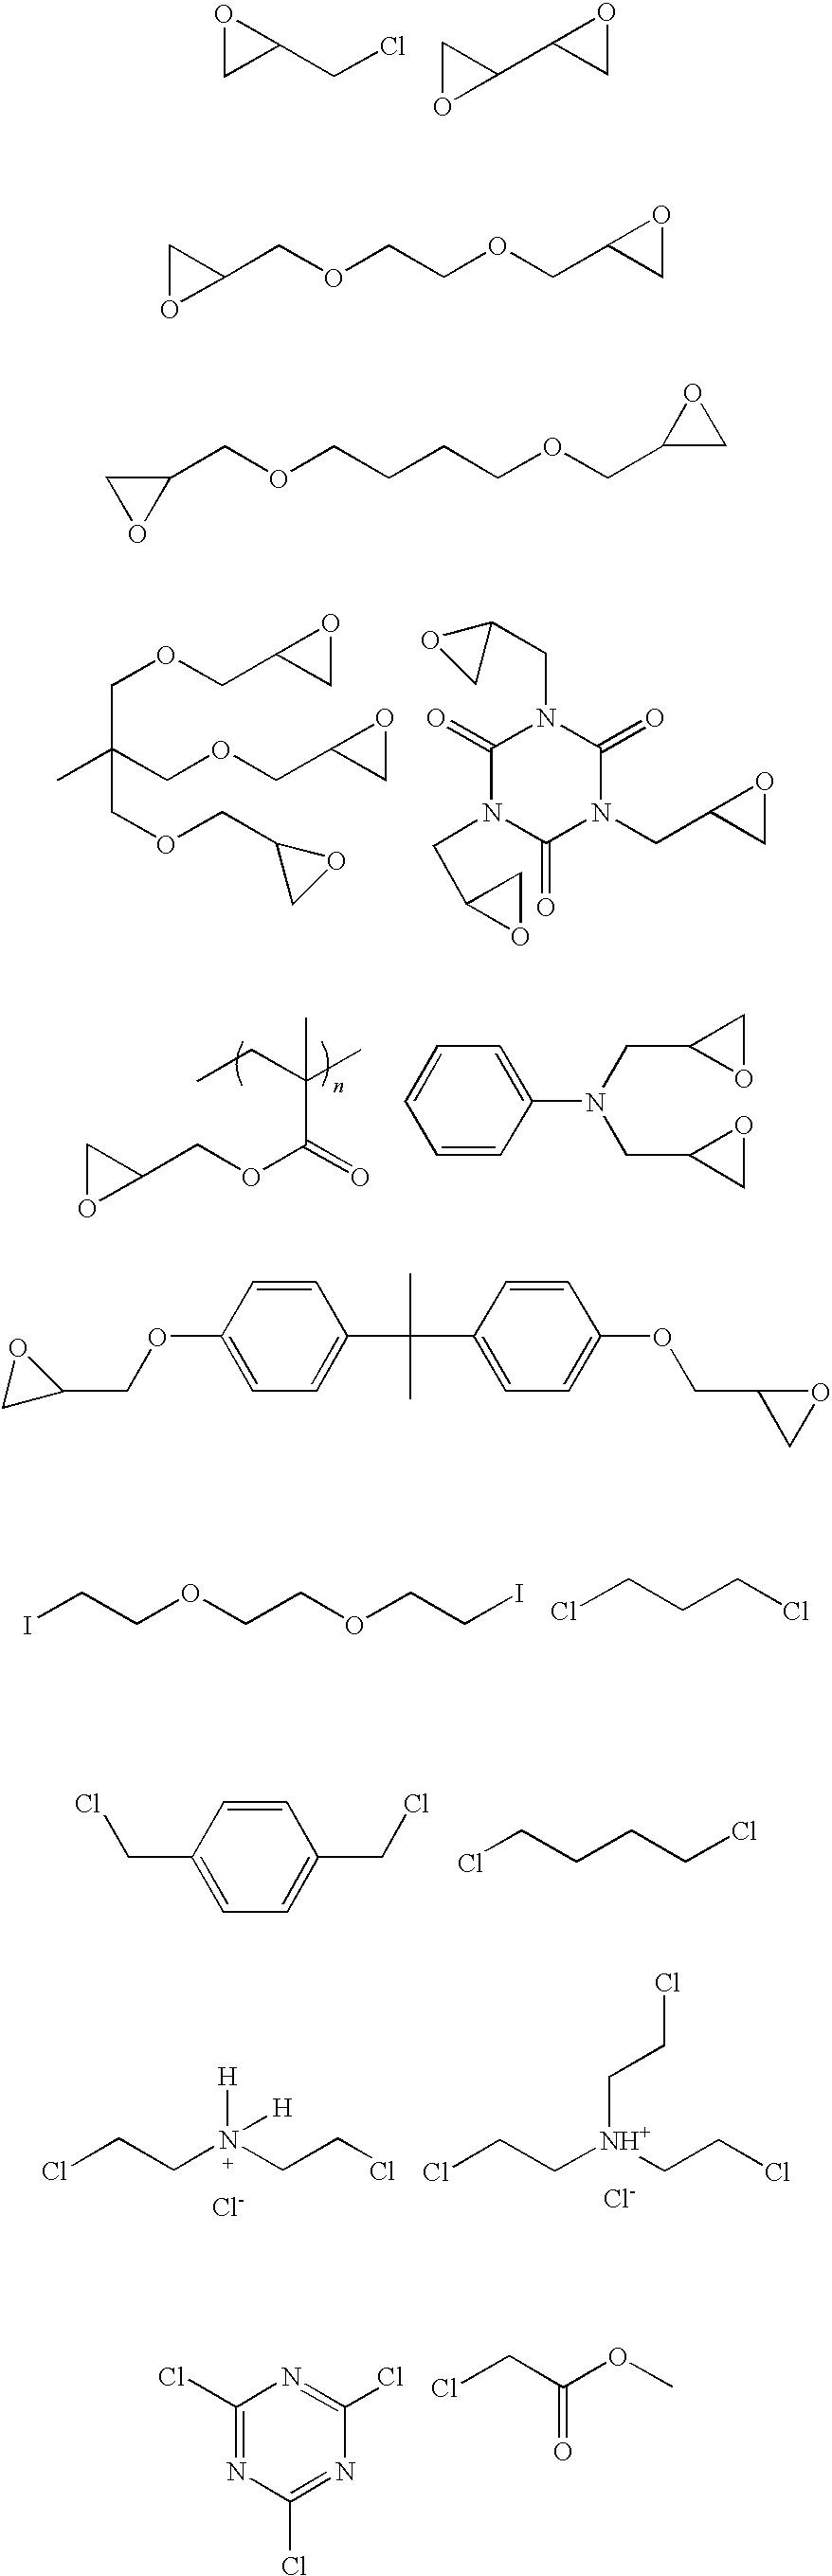 Figure US20090155370A1-20090618-C00014